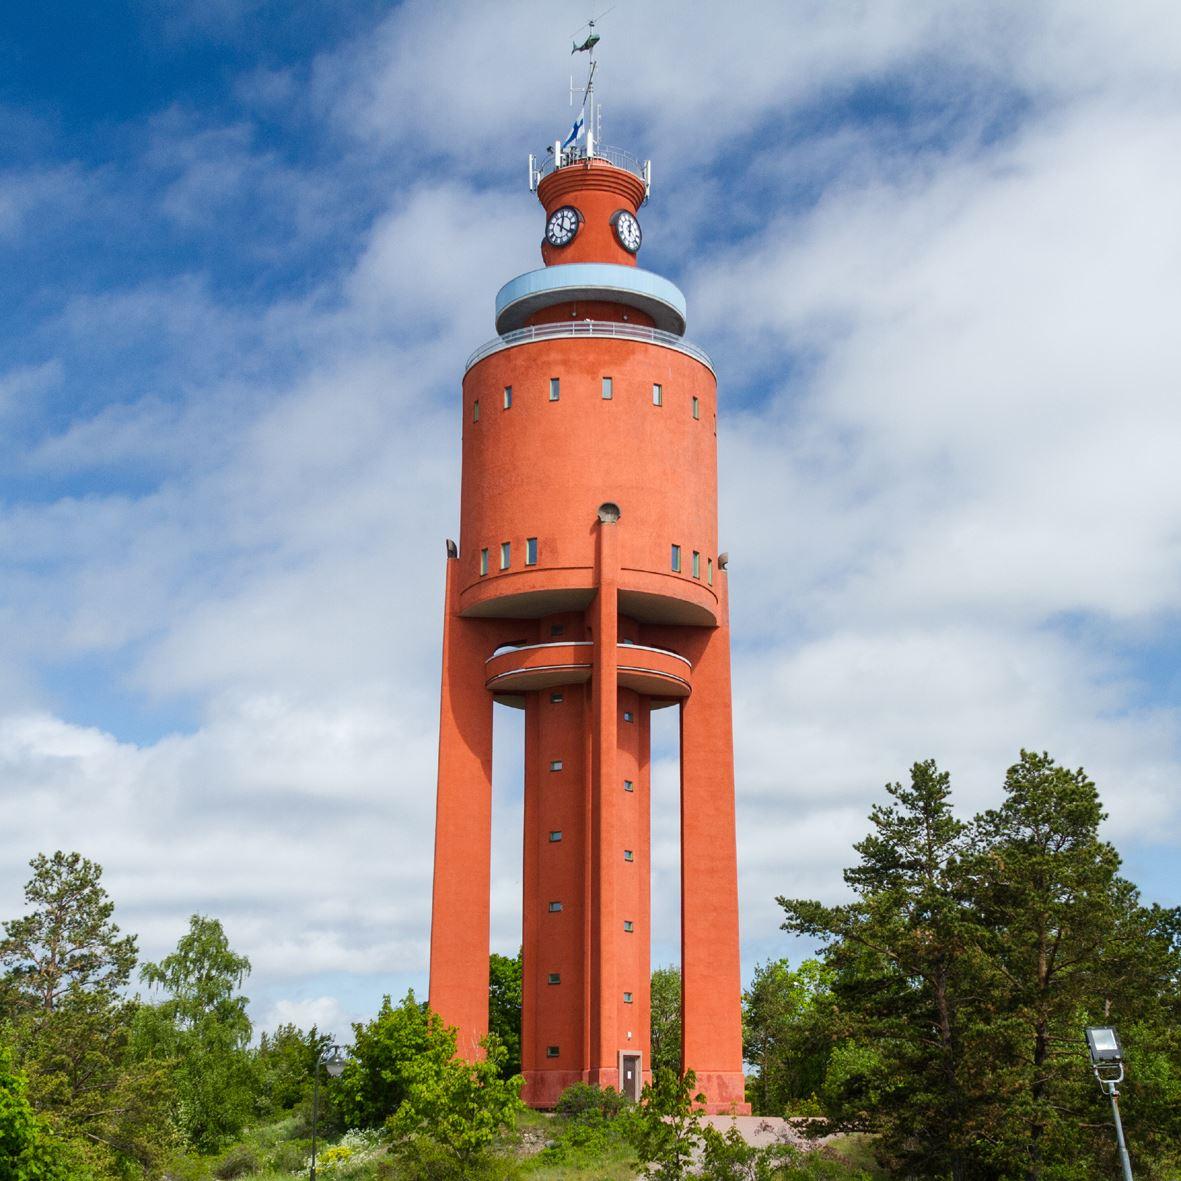 Ruotsinkielinen opastus vesitornissa